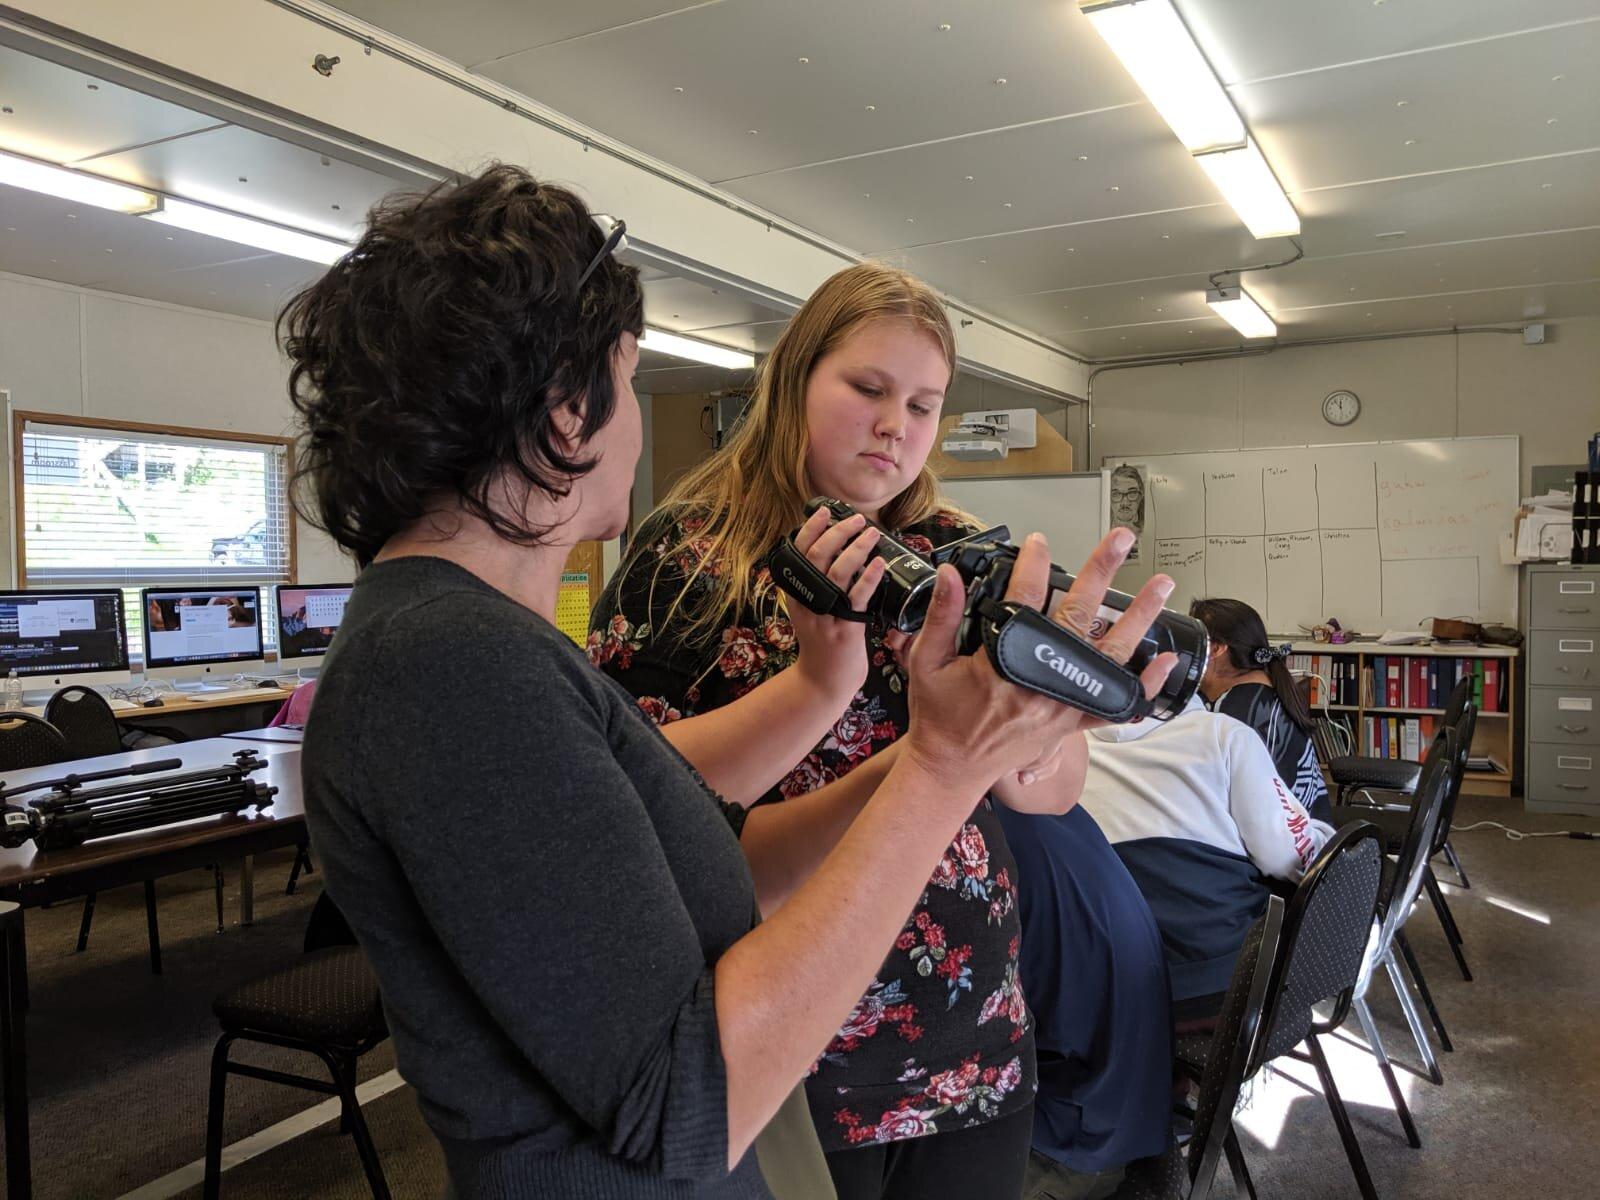 Sebnem shows Sue-Ann the camera